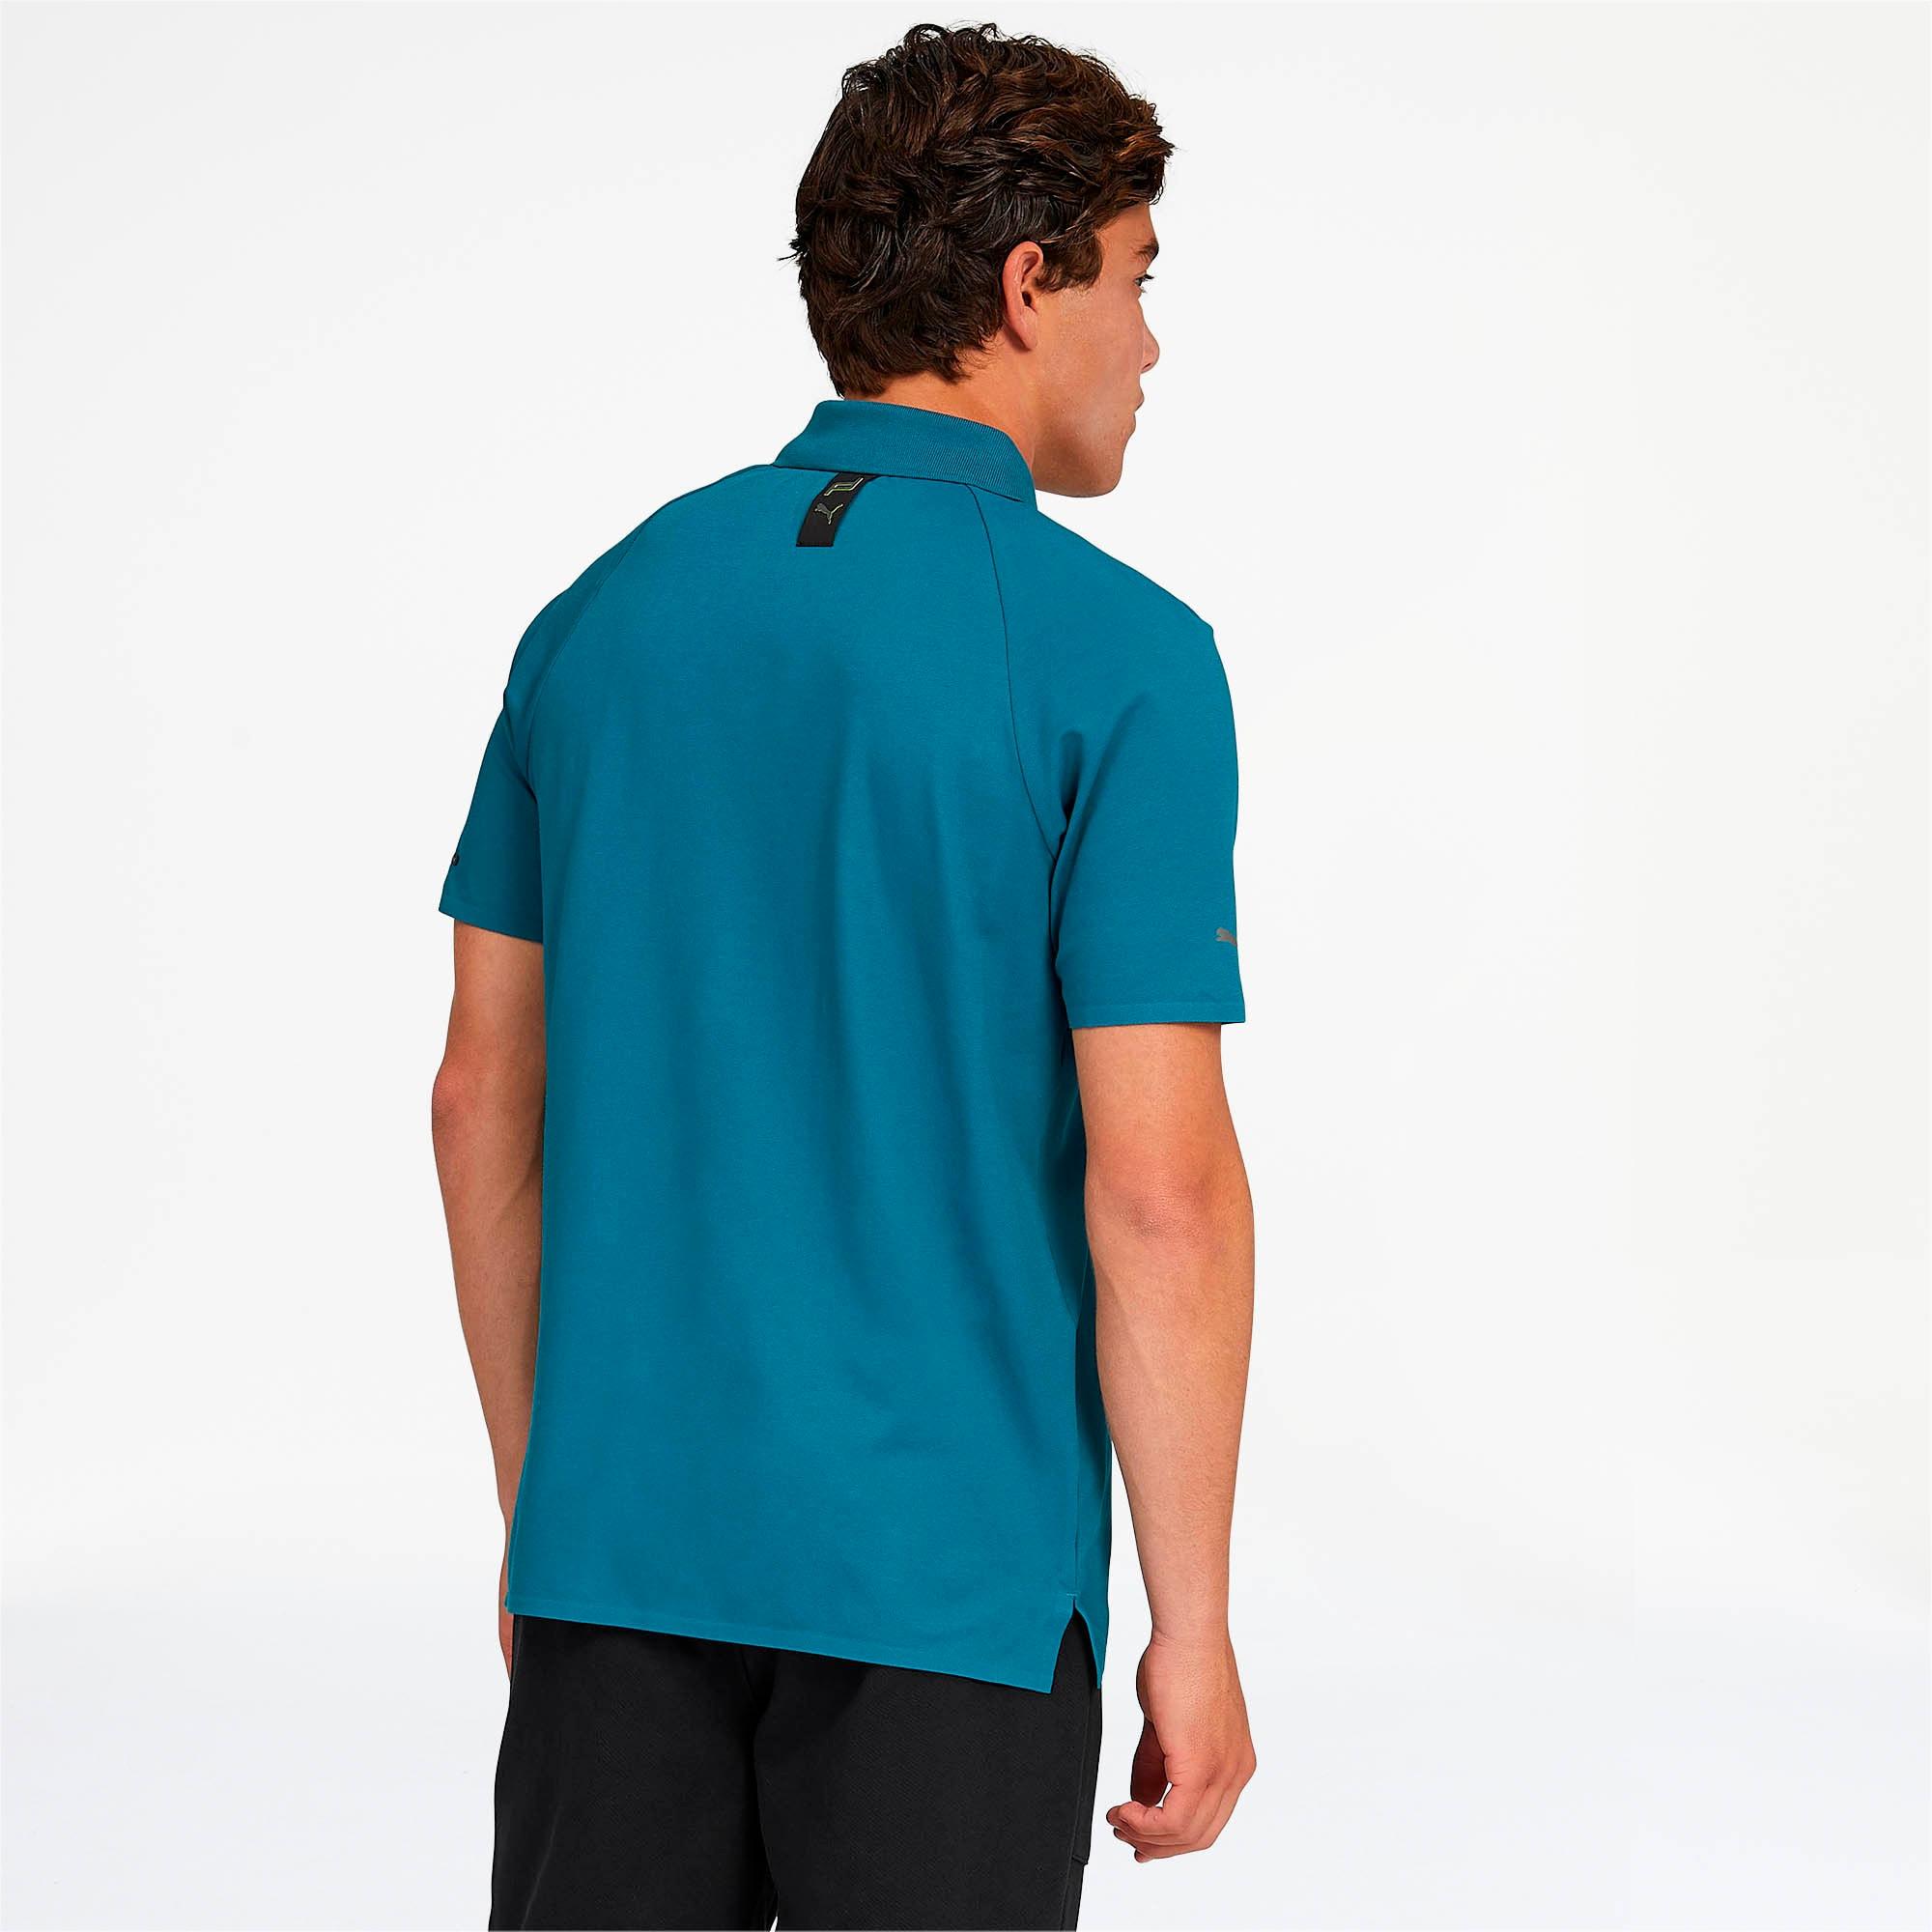 Thumbnail 2 of Porsche Design Men's Polo, Moroccan Blue, medium